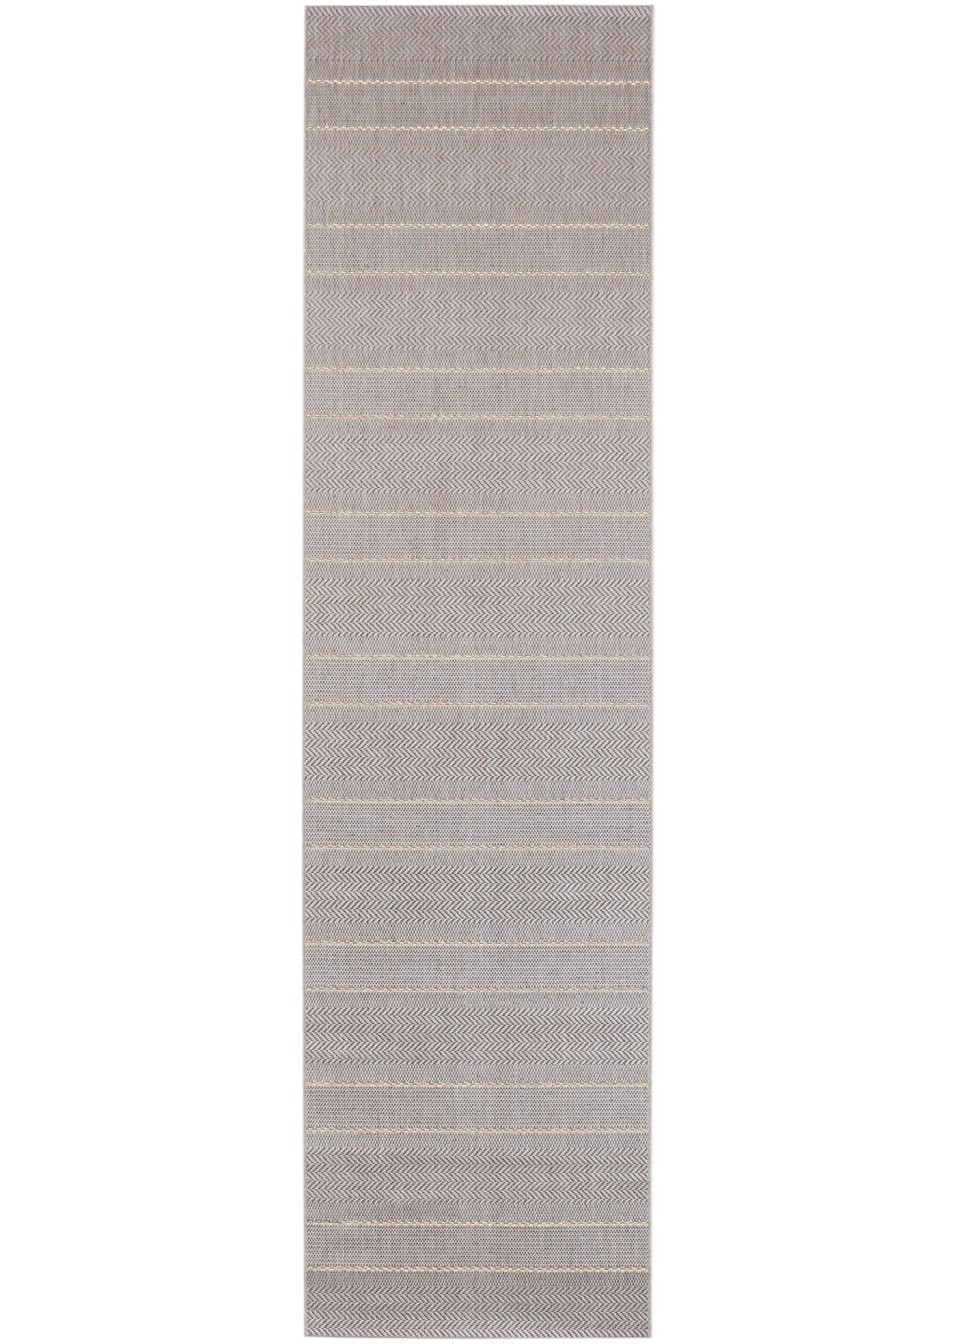 tapis de passage bayreuth usage int rieur et ext rieur gris maison bpc living. Black Bedroom Furniture Sets. Home Design Ideas